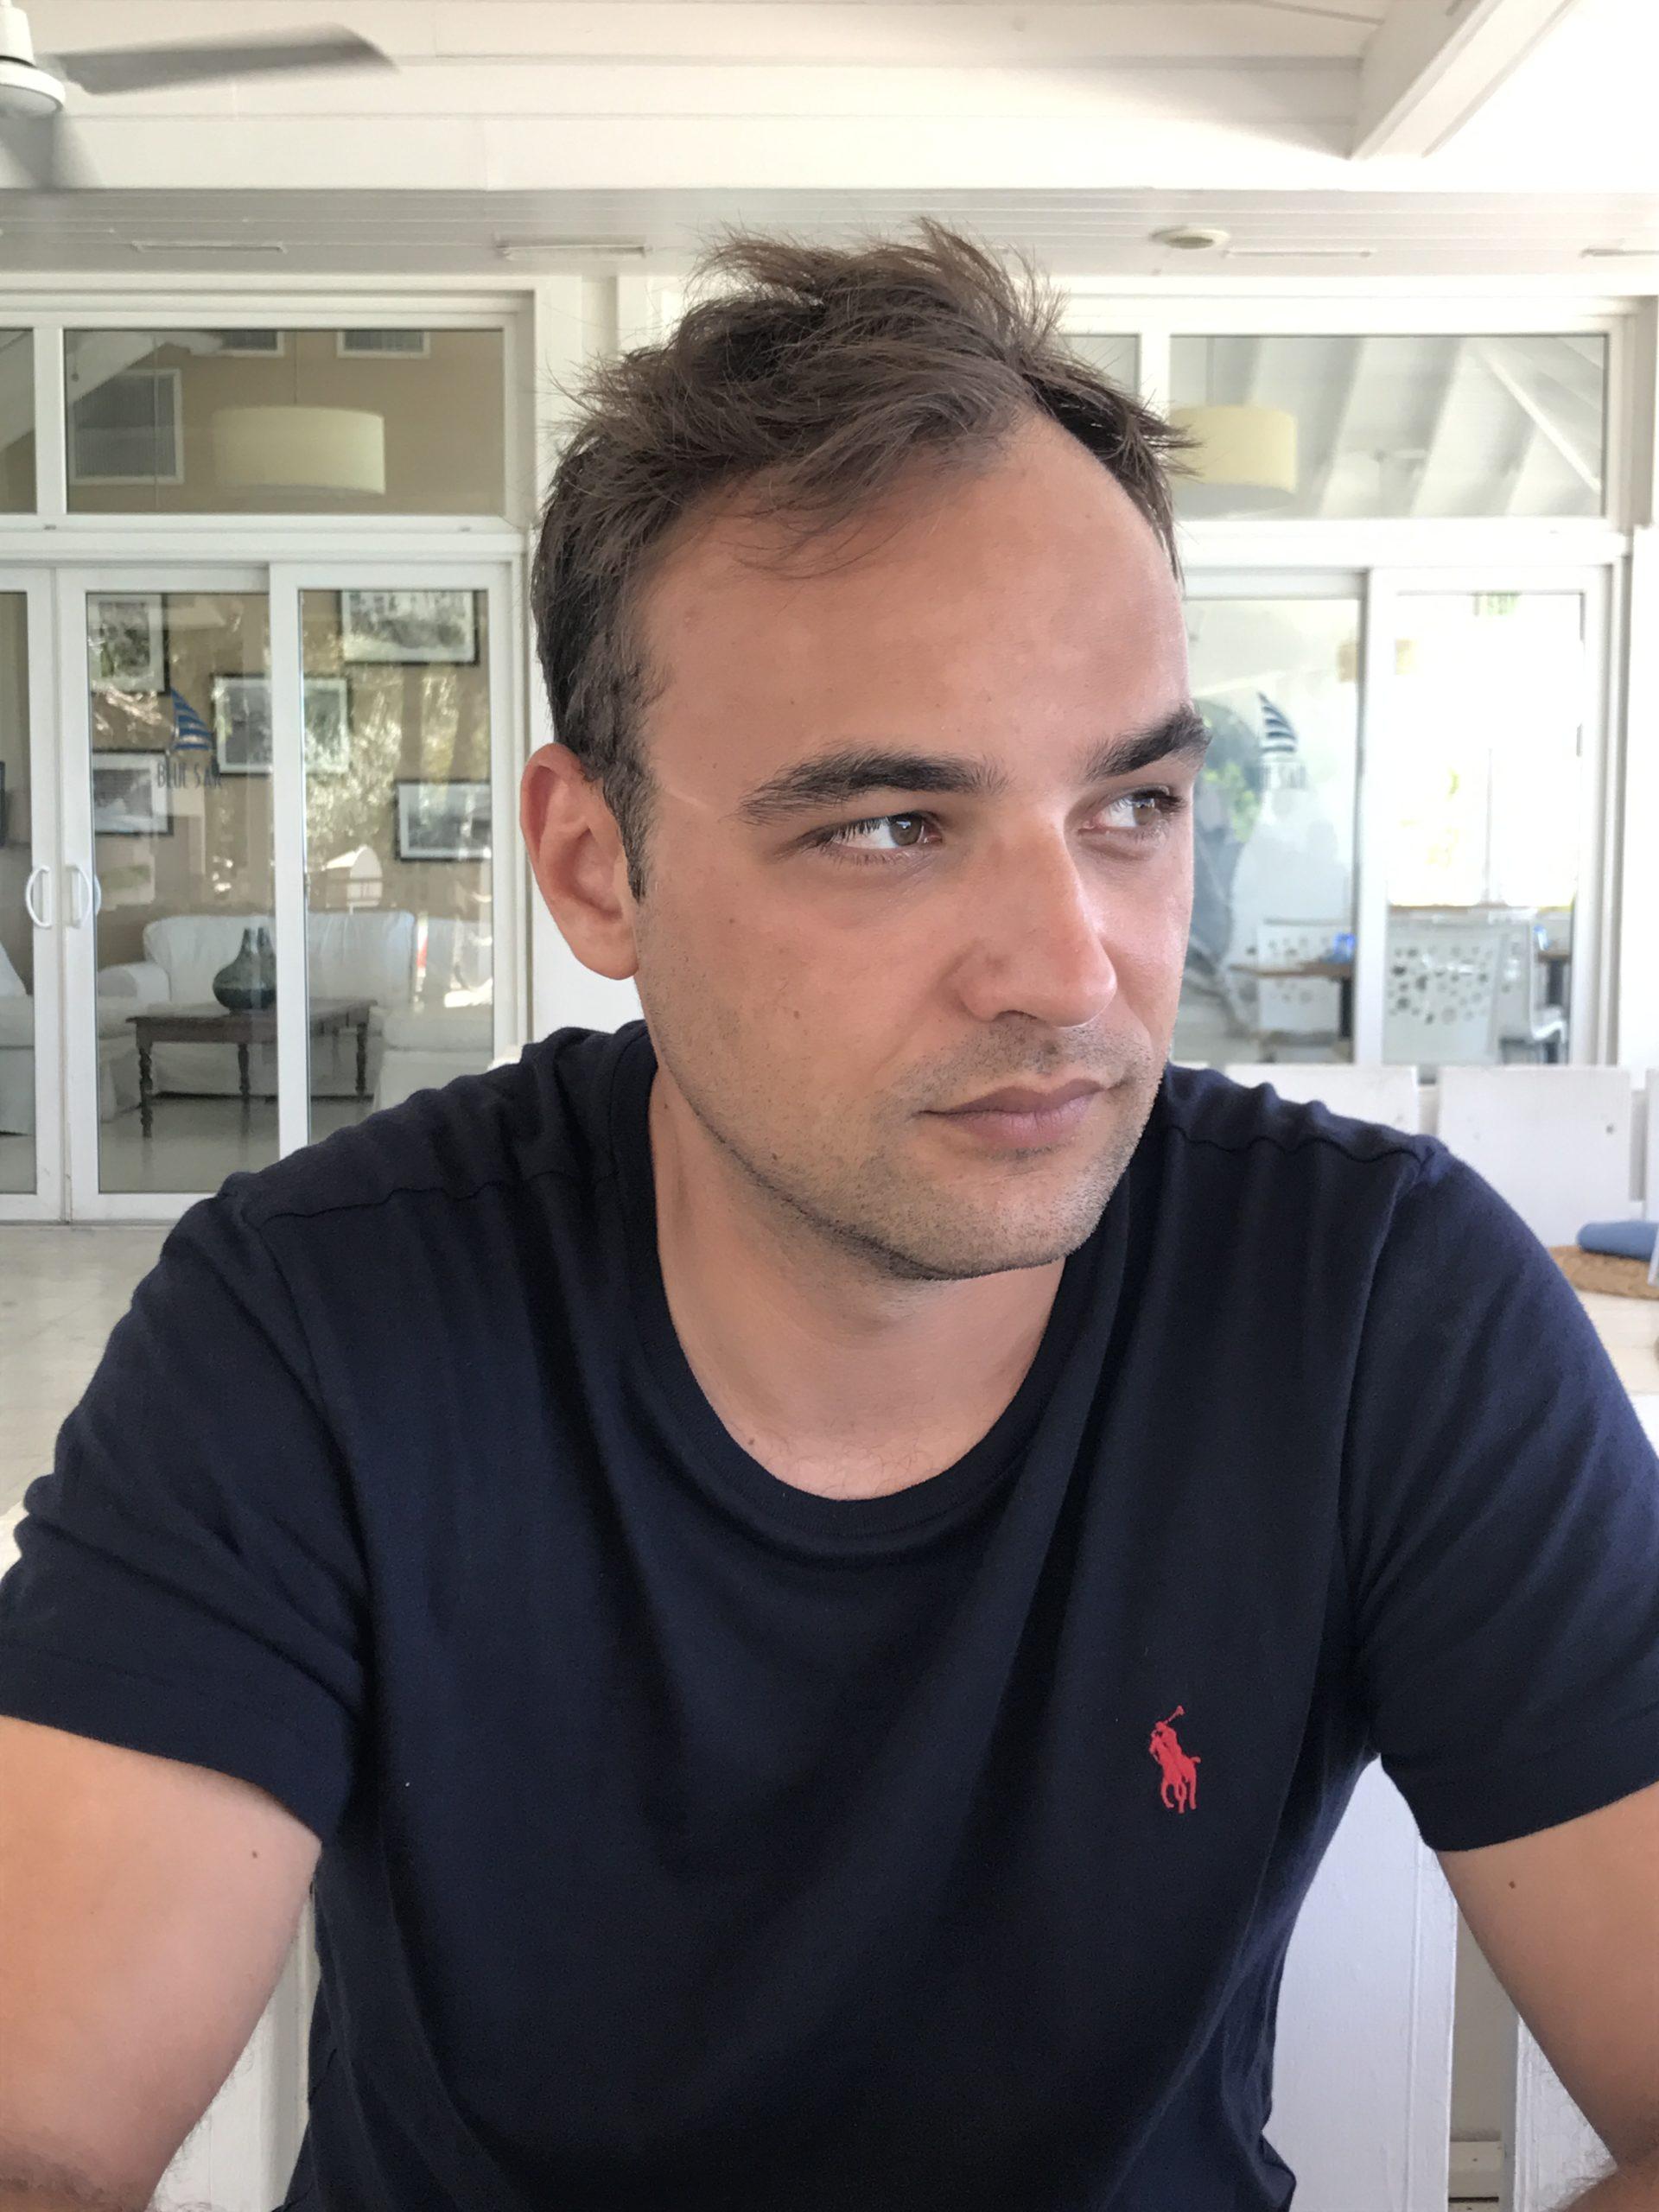 Alexander Zgliczynski